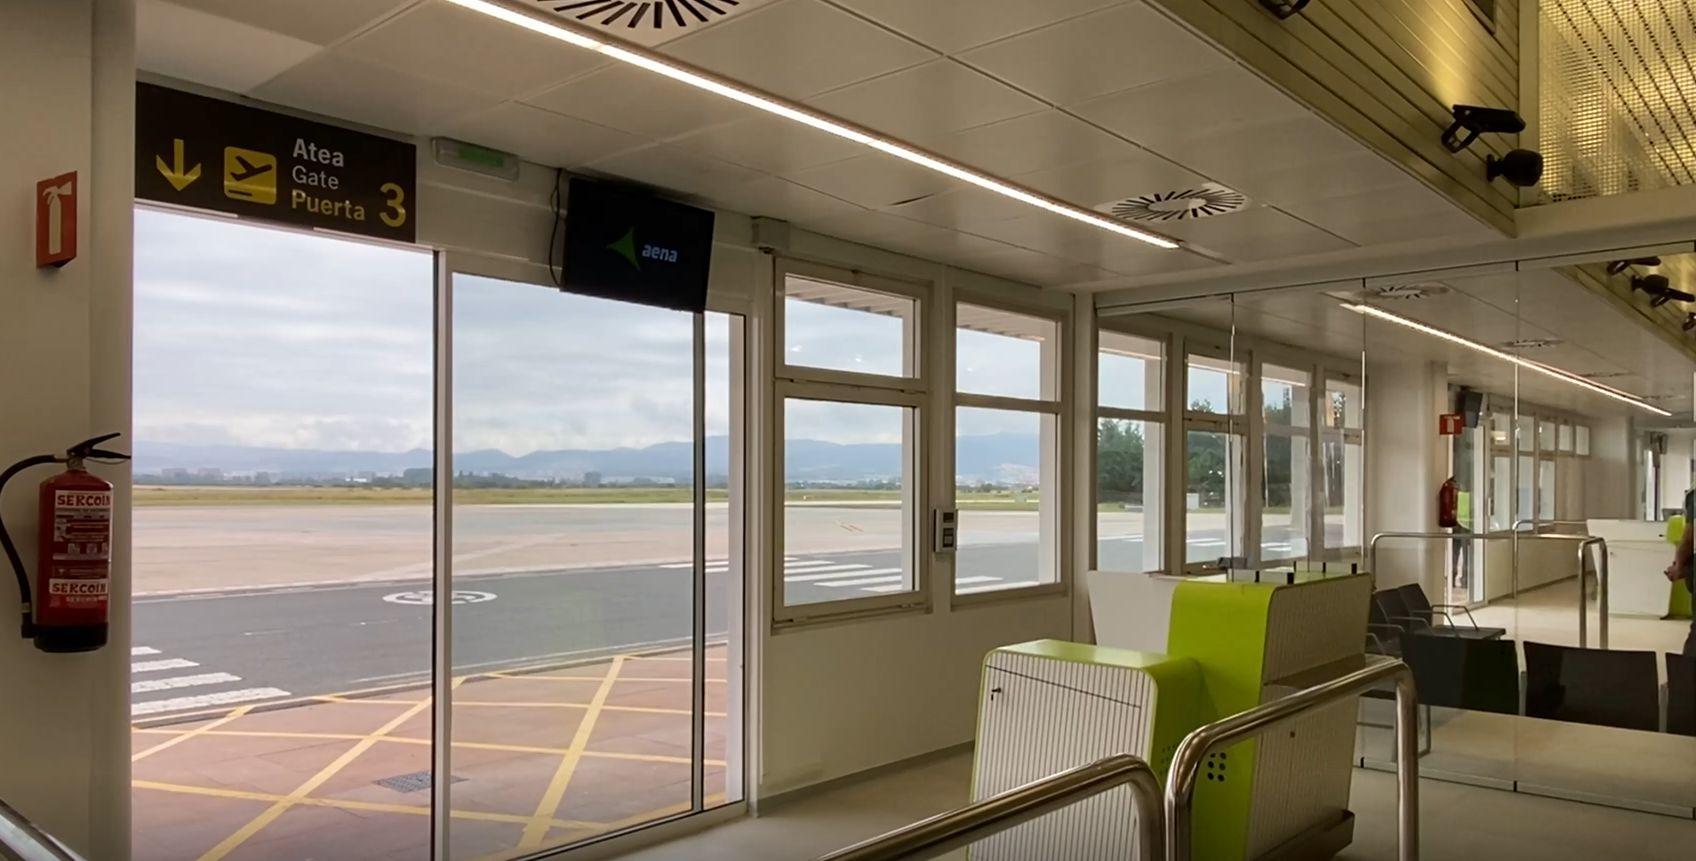 8 destinos para viajar desde el renovado aeropuerto de Foronda - Gasteiz Hoy